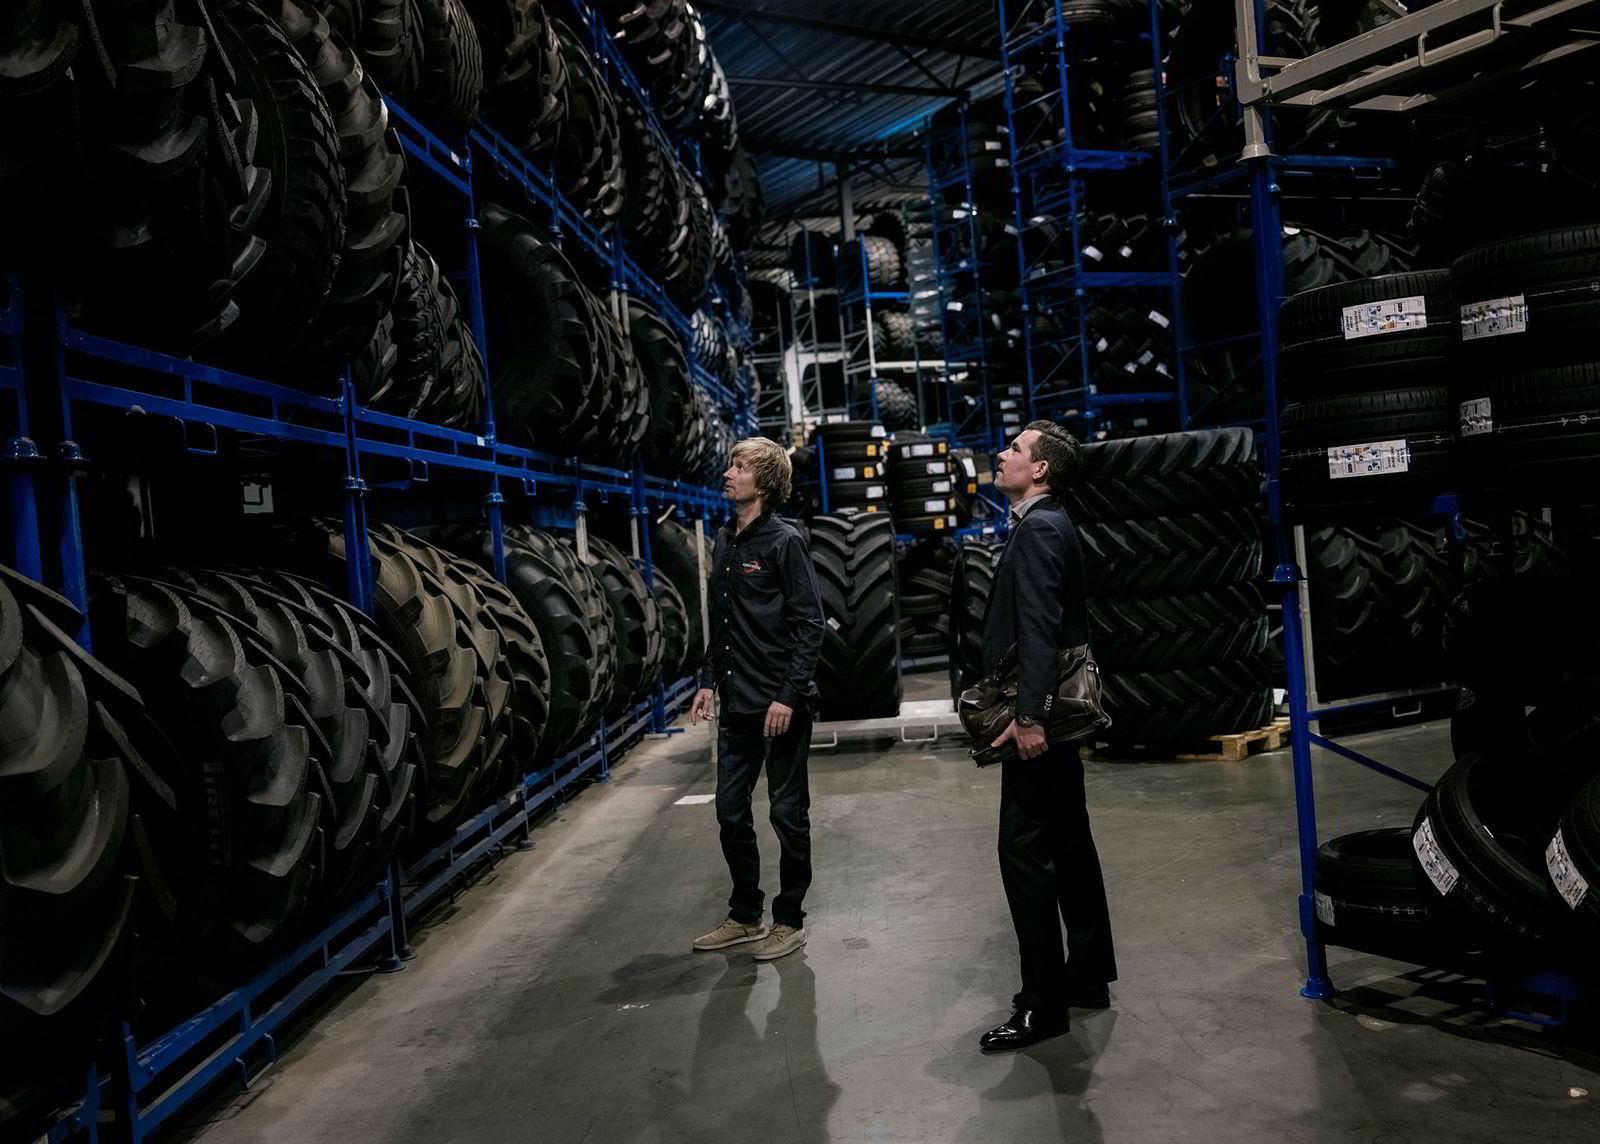 Norgesdekk er landets største dekkgrossist med en omsetning på 766 millioner kroner i fjor og et driftsresultat på 87 millioner kroner.